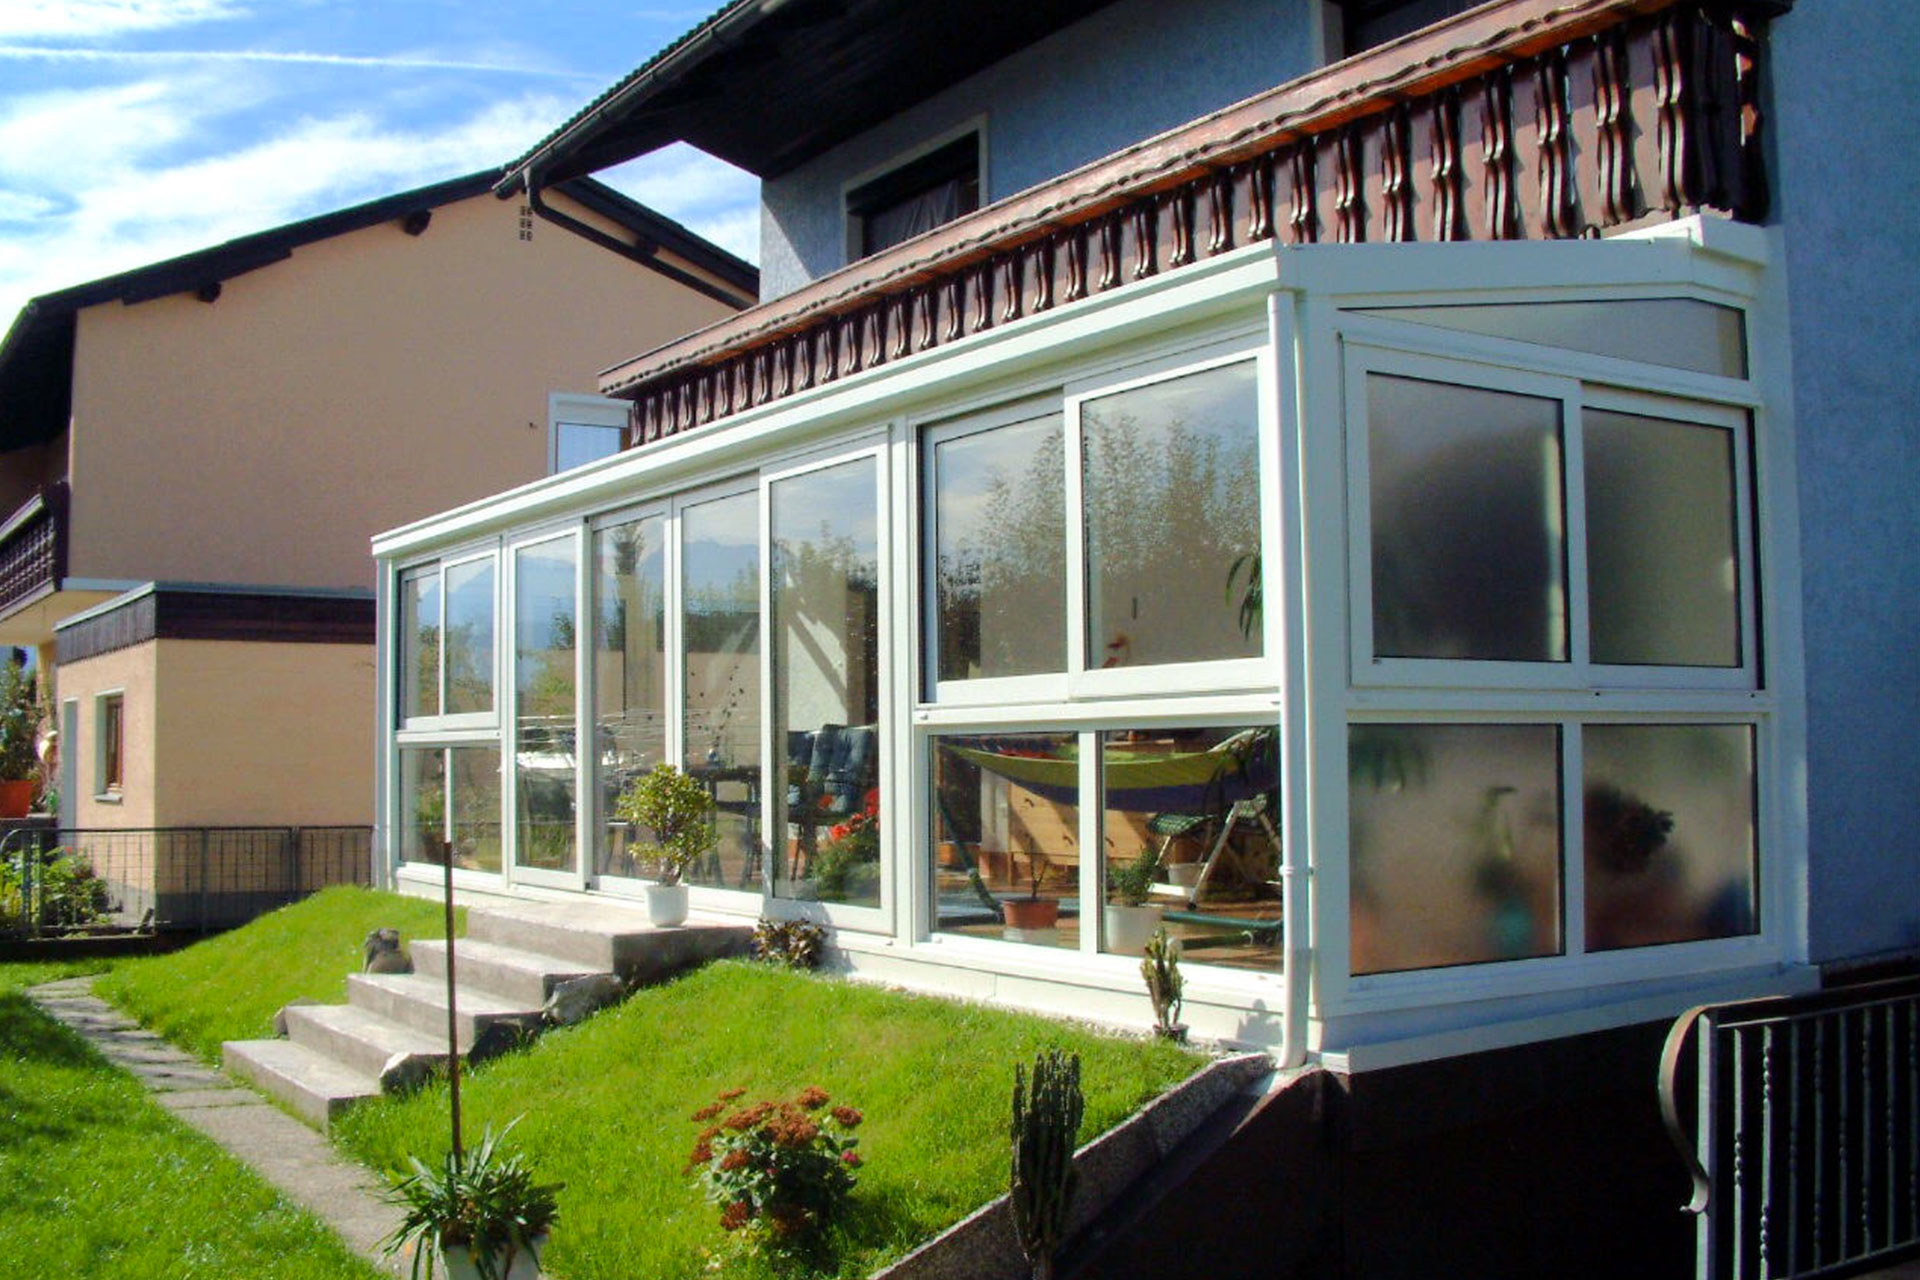 Giardino d'inverno winter garden serramenti alluminio taglio termico udine albo serramenti